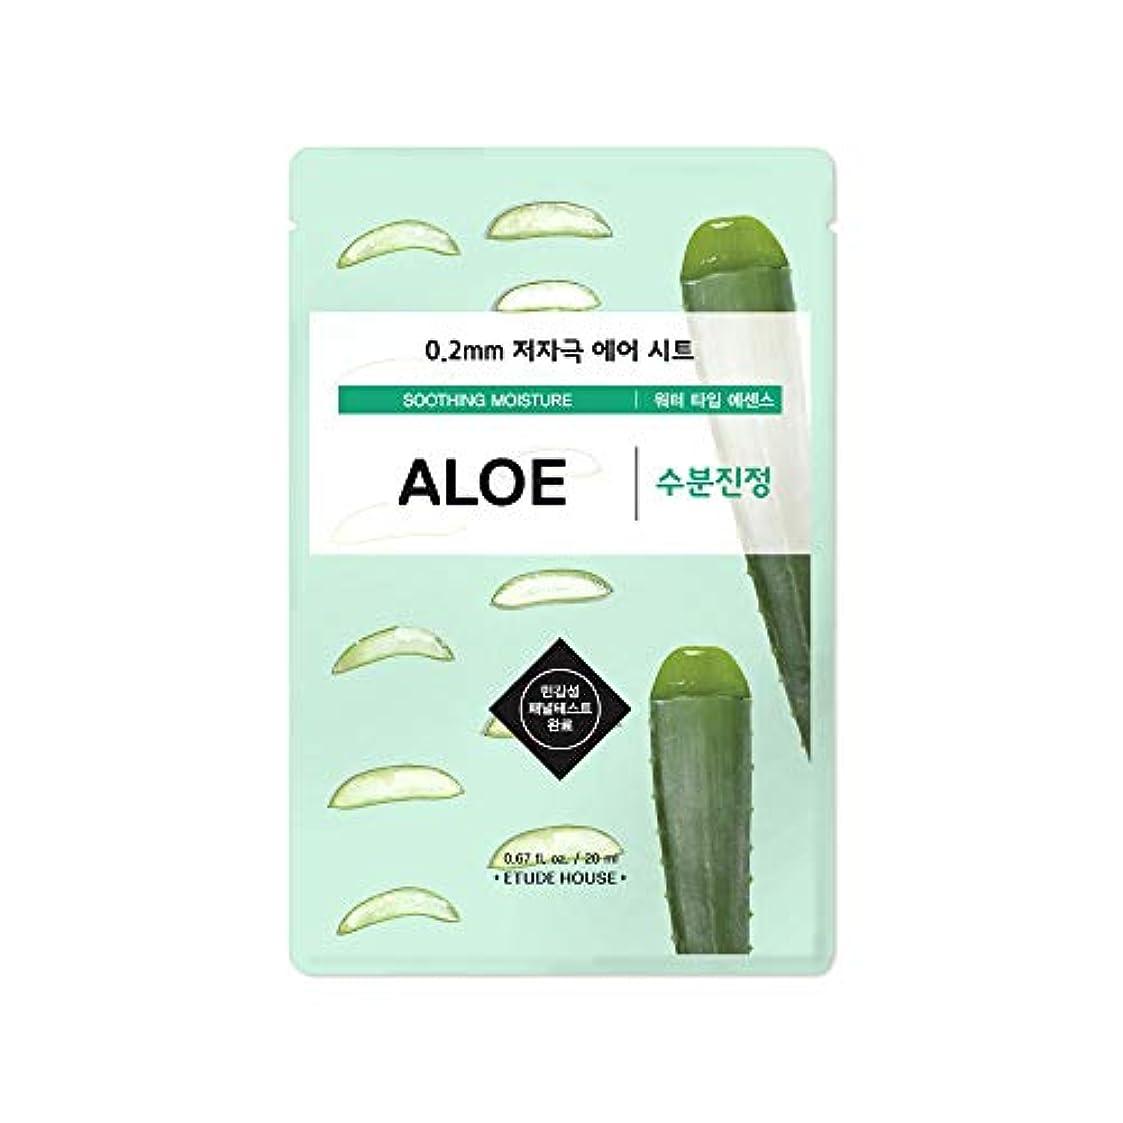 戦艦土マリンETUDE HOUSE 0.2 Therapy Air Mask 20ml×10ea (#01 Aloe)/エチュードハウス 0.2 セラピー エア マスク 20ml×10枚 (#01 Aloe)